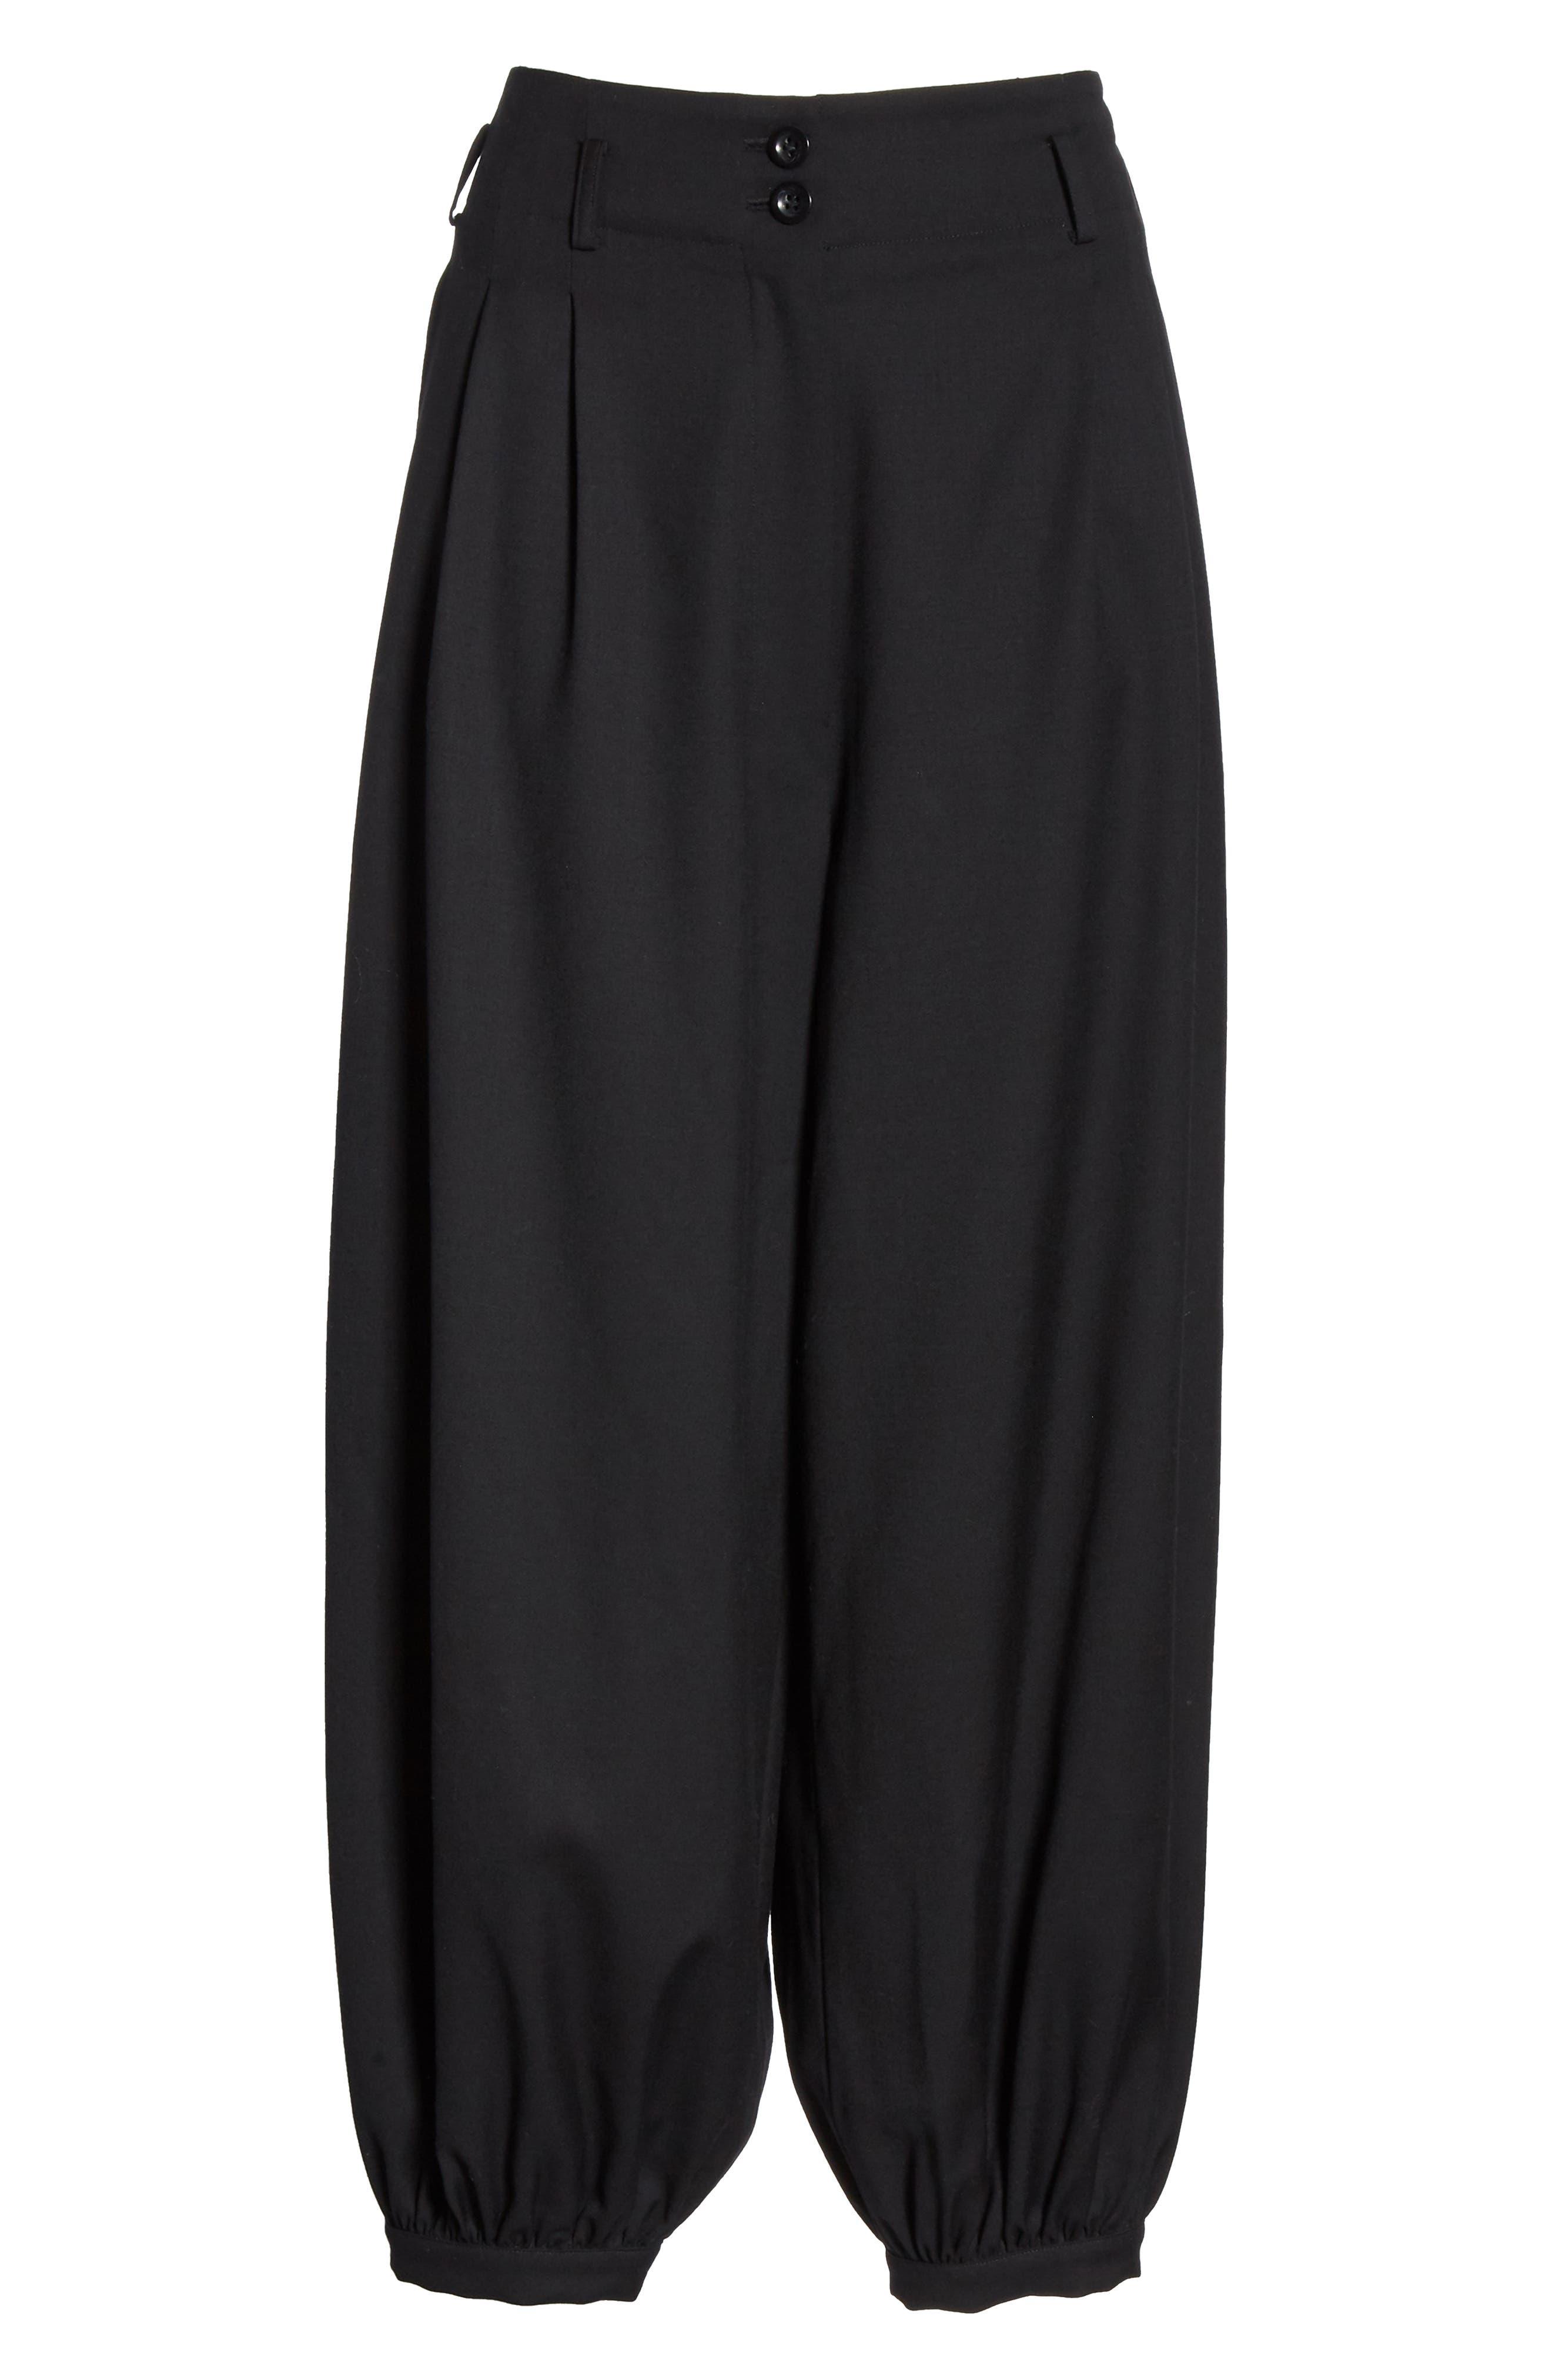 NILI LOTAN, Wynona Harem Pants, Alternate thumbnail 7, color, BLACK